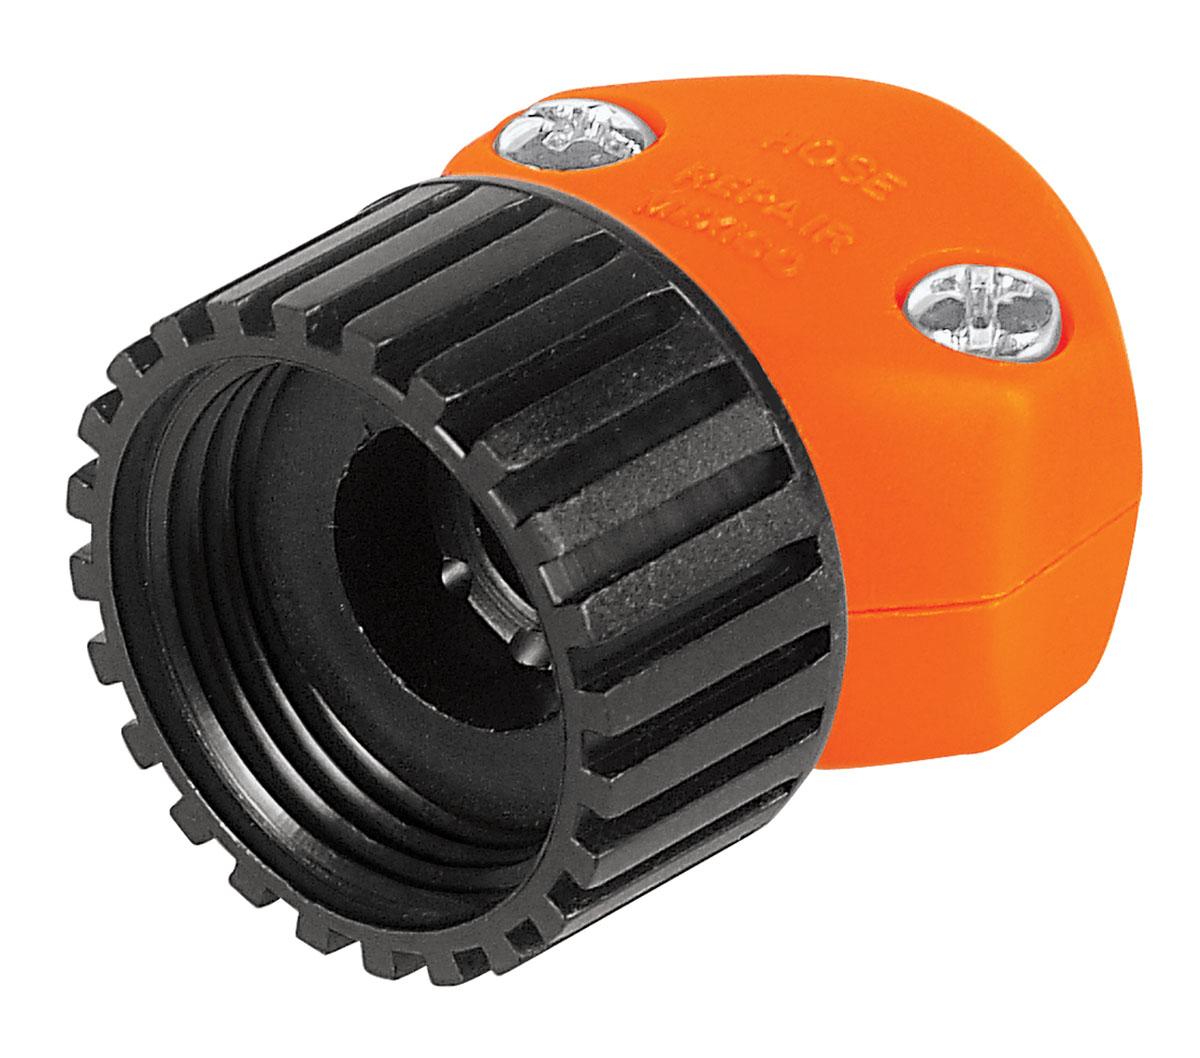 Коннектор ремонтный для шланга Truper, пластиковый, мама, 1/2REF-1/2Шланговый коннектор Truper, выполненный из пластика, предназначен для быстрого и многократного присоединения и отсоединения шланга к насадкам или крану. Тип соединения мама.